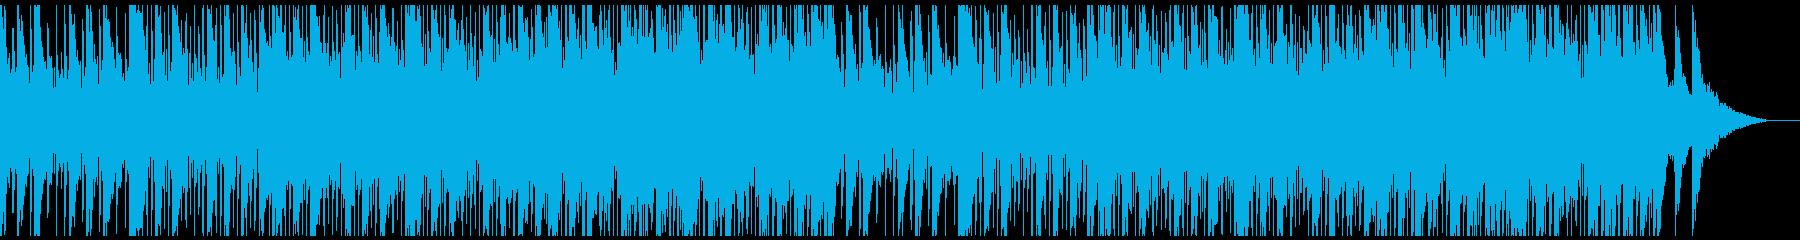 クールなピアノハウス/企業VP・CMなどの再生済みの波形